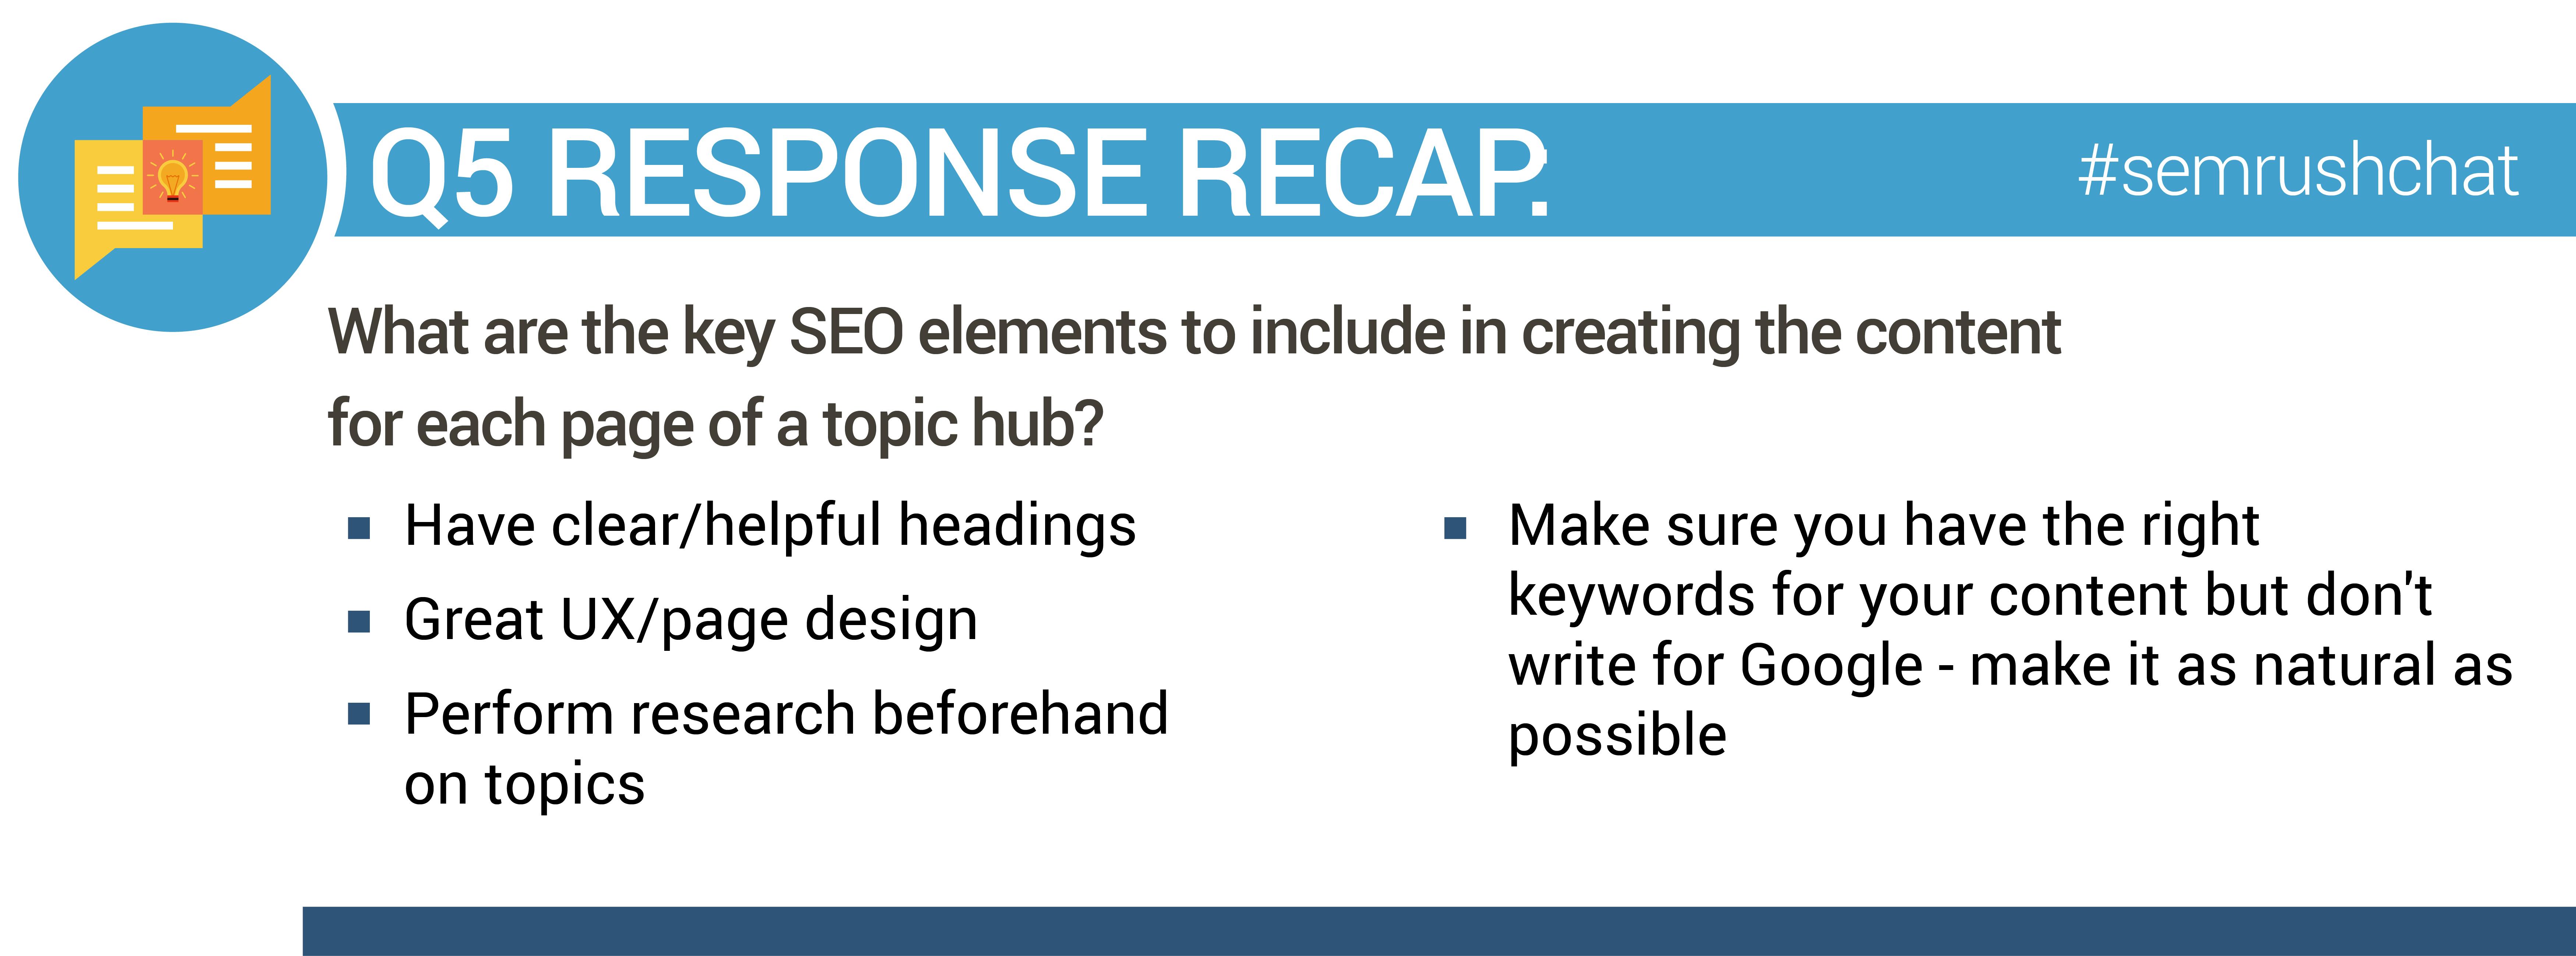 chat-recap-q5-response.png